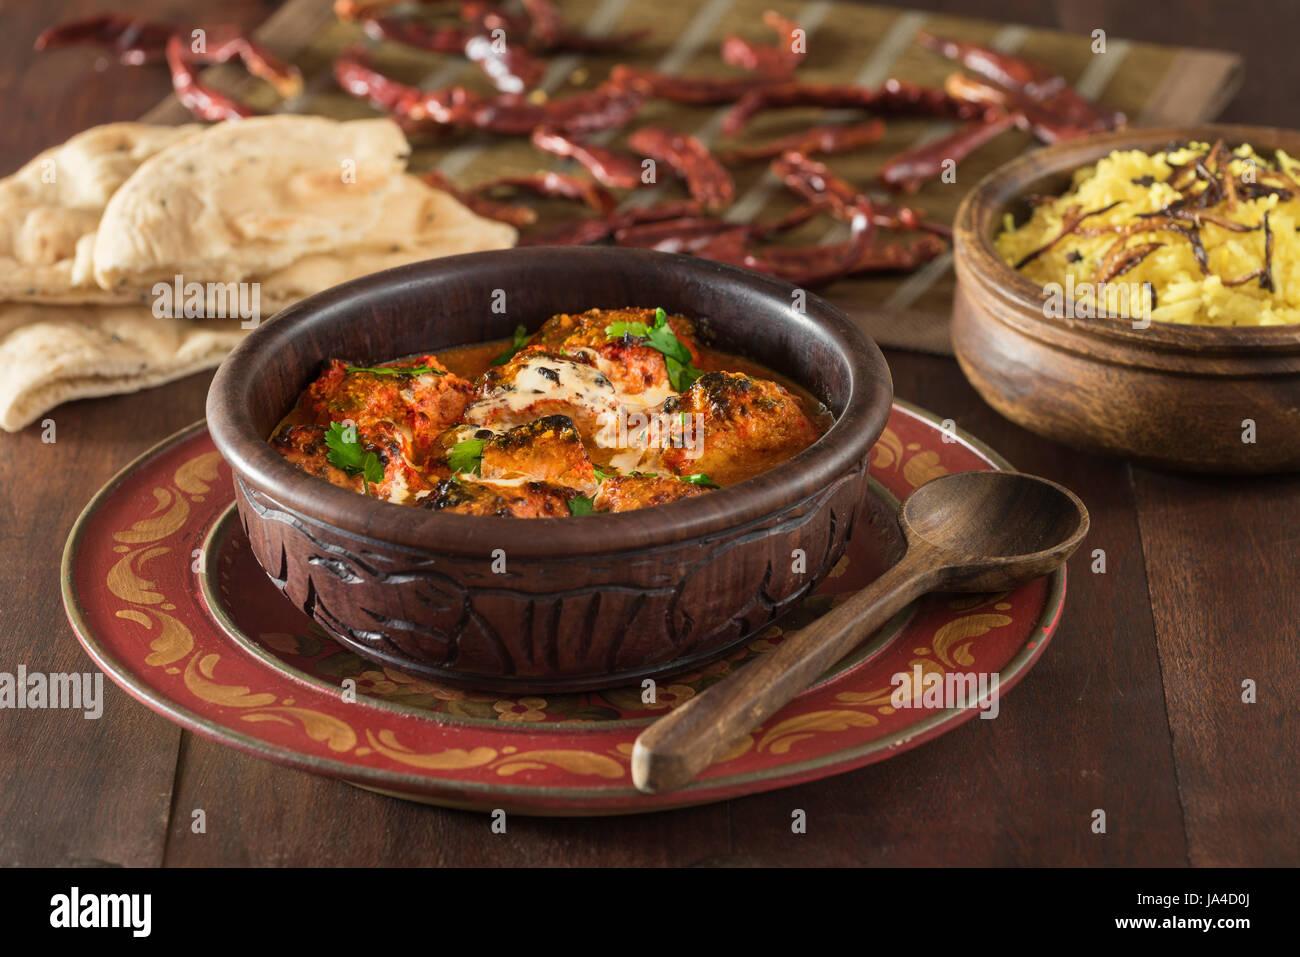 Murgh makhani indian butter chicken curry india food stock photo murgh makhani indian butter chicken curry india food forumfinder Image collections